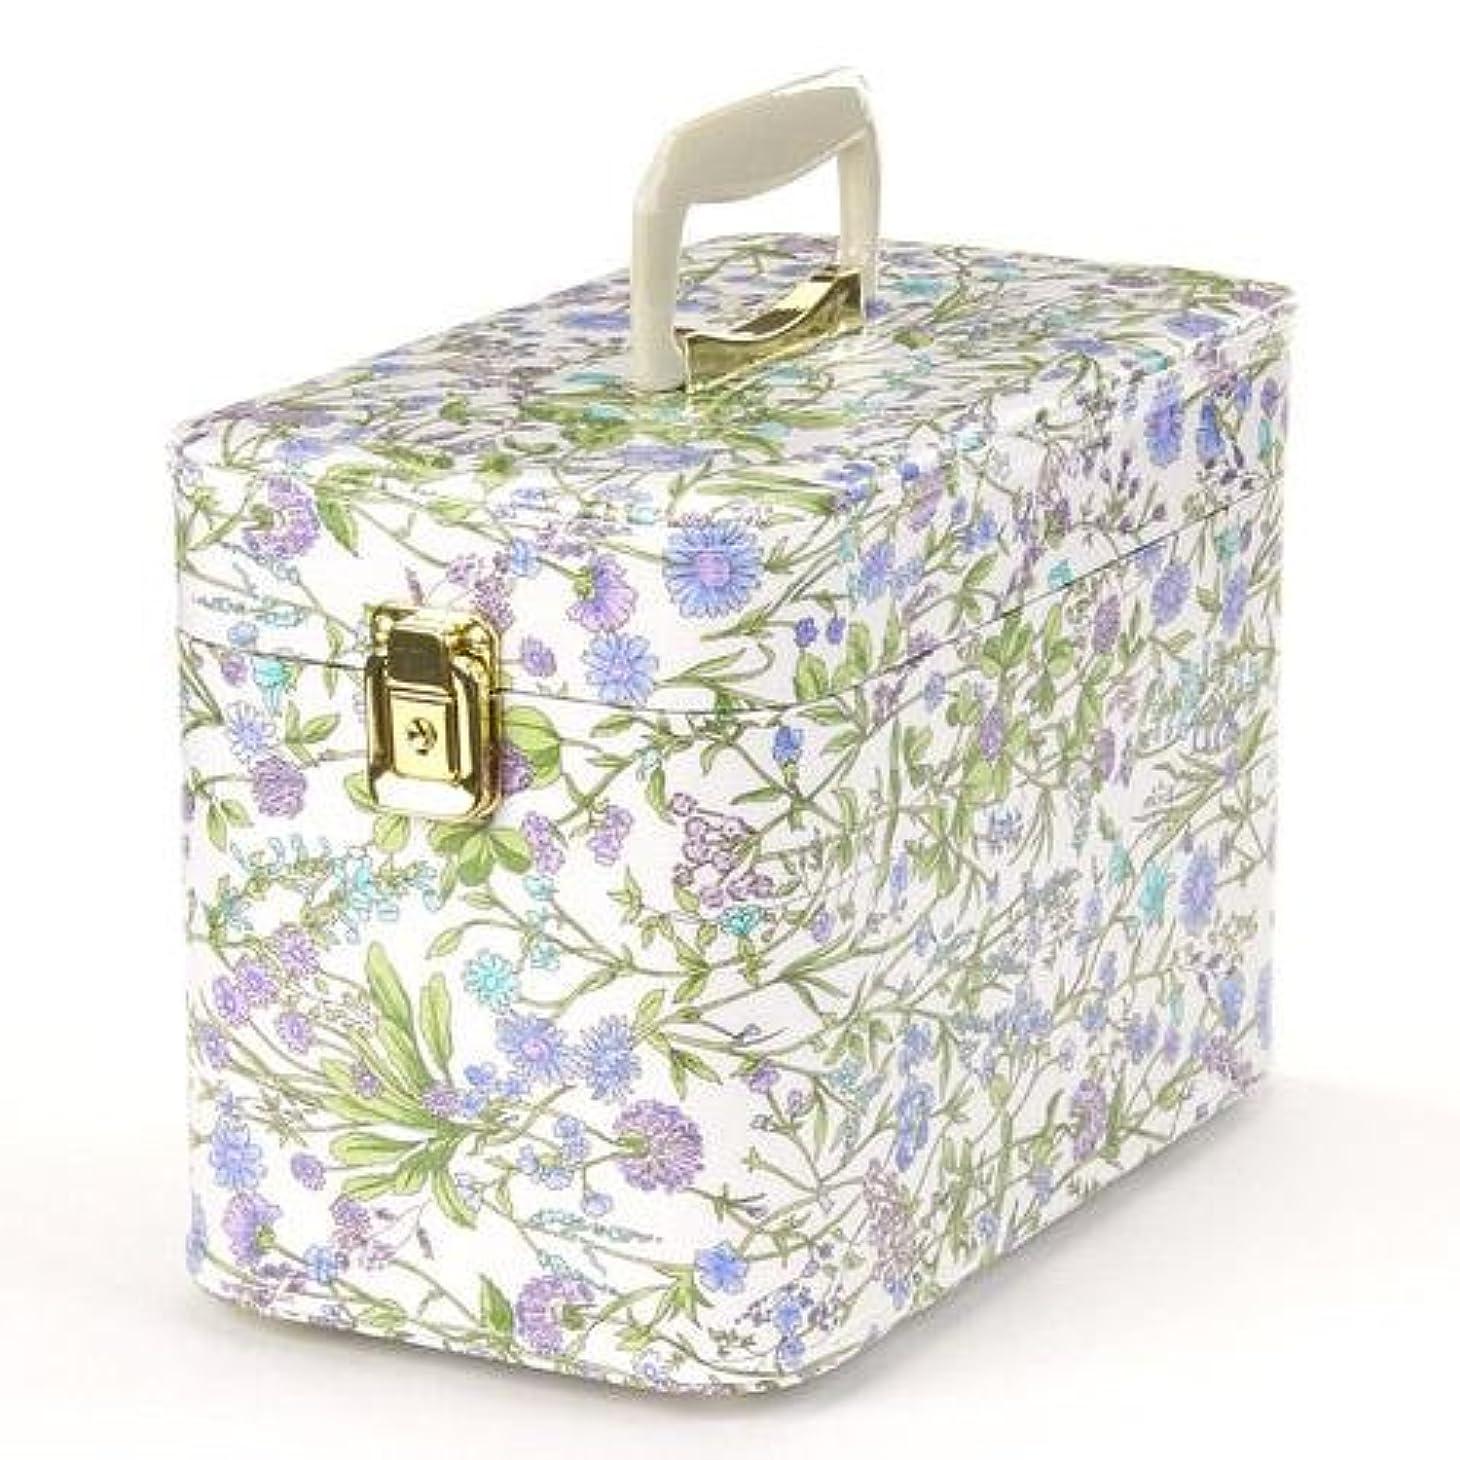 レディ国サイトライン日本製 メイクボックス (コスメボックス)ハーブガーデン 30cm スカイブルー トレンケース(鍵付き/コスメボックス)